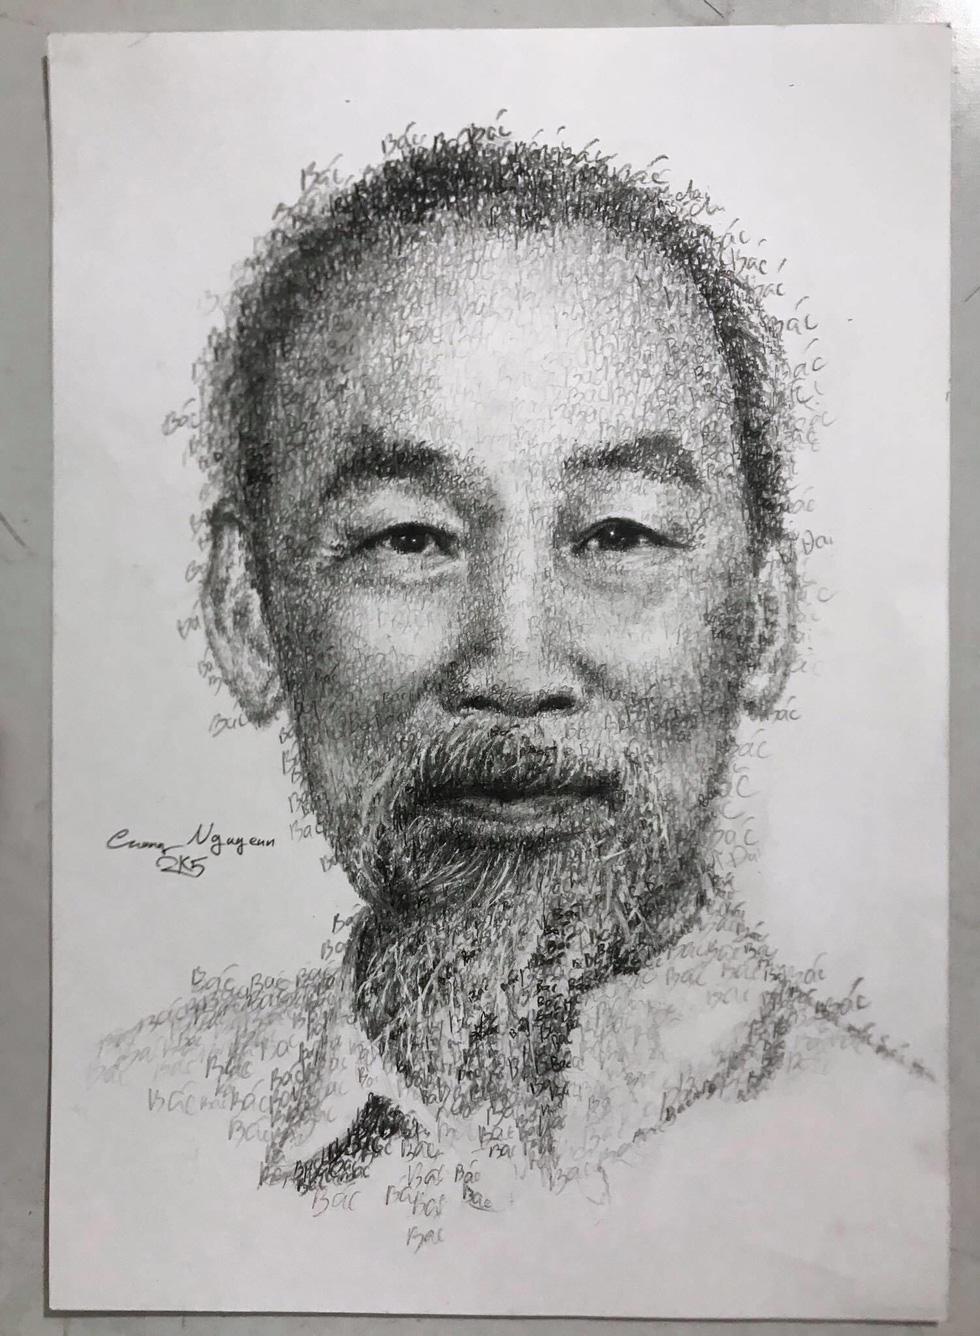 10X Bắc Ninh vẽ chân dung Bác Hồ bằng tên 63 tỉnh thành - Ảnh 3.